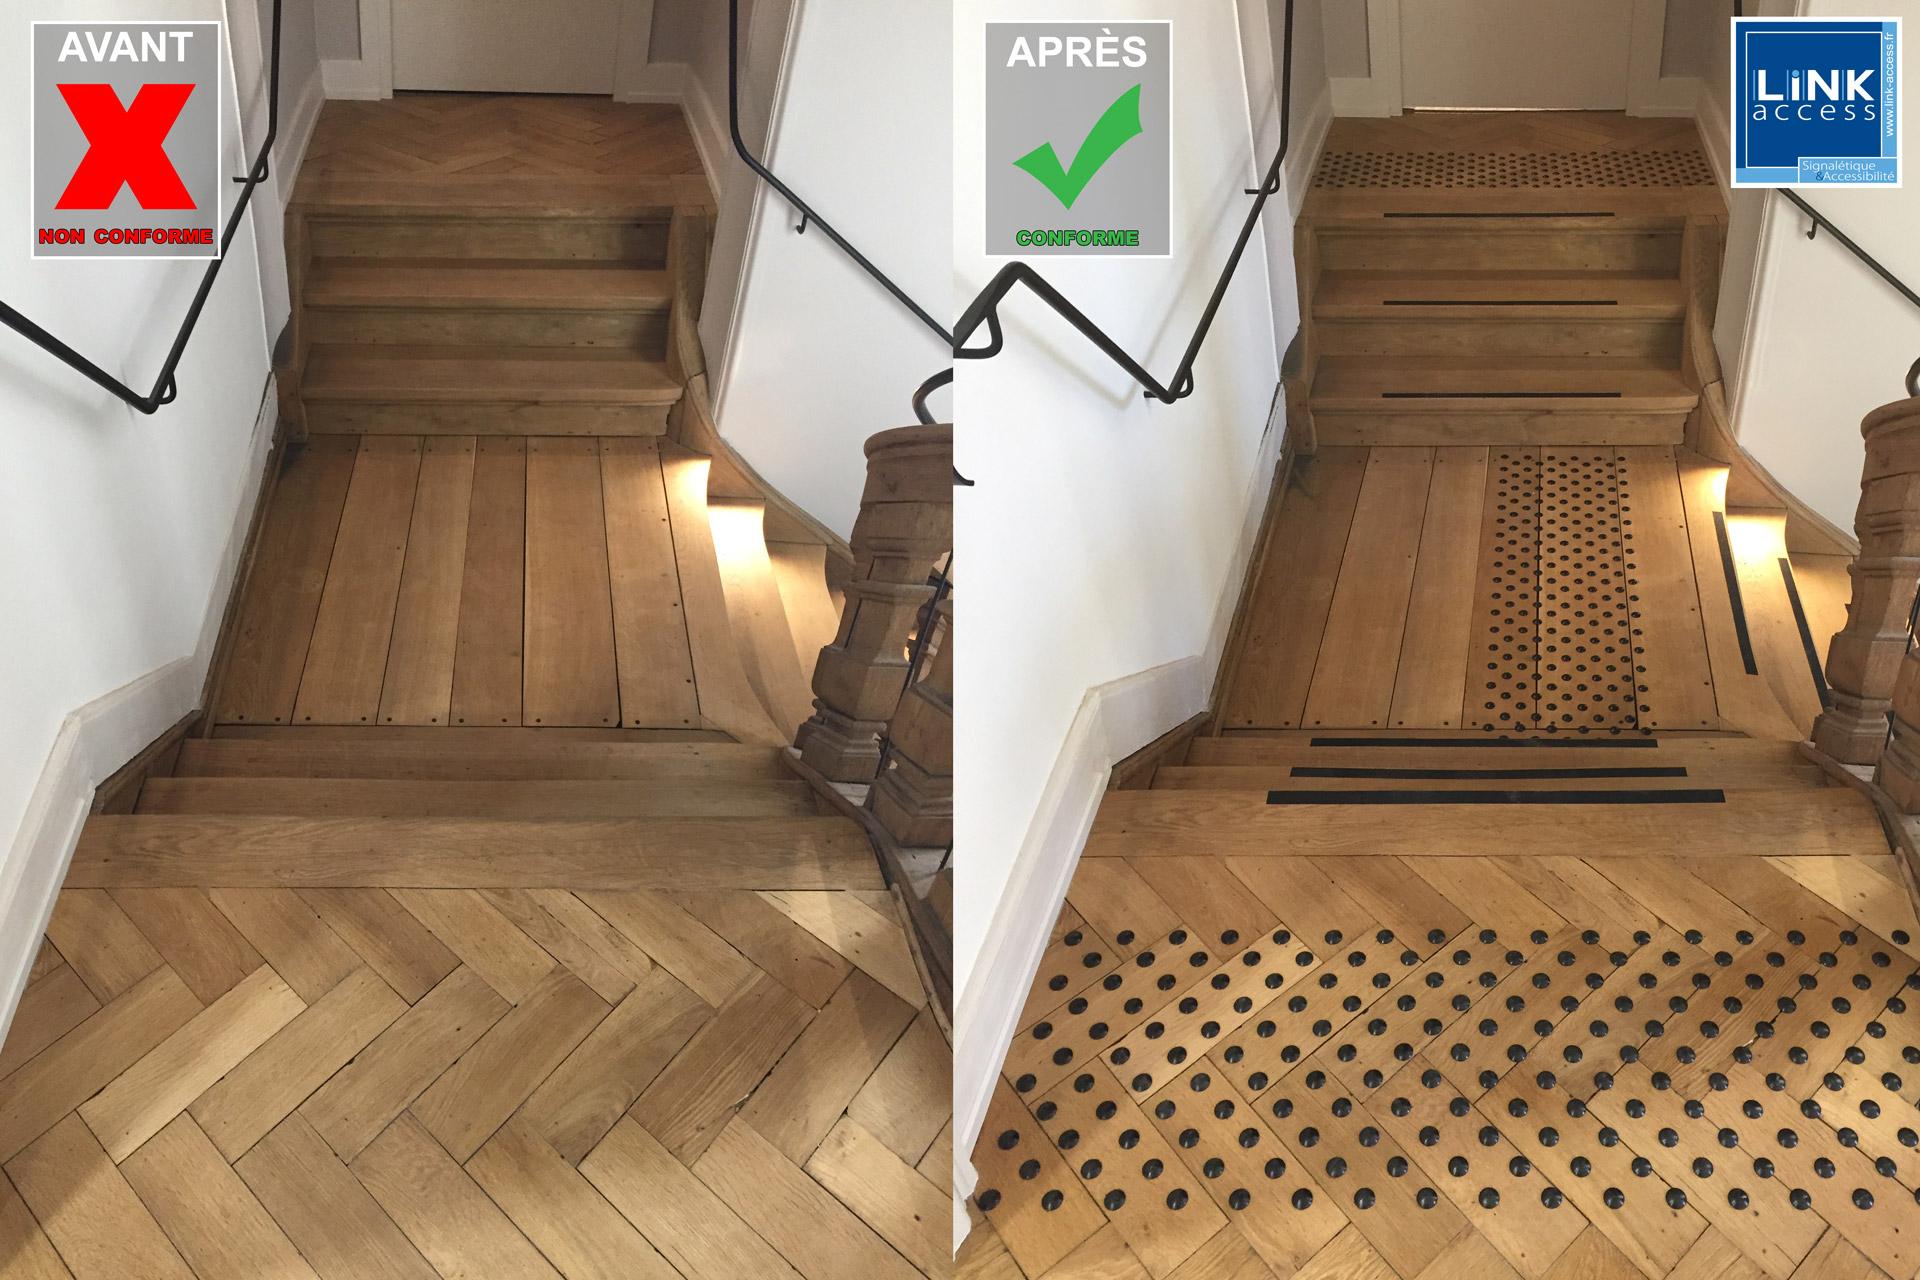 un escalier avant et après sa mise aux normes.